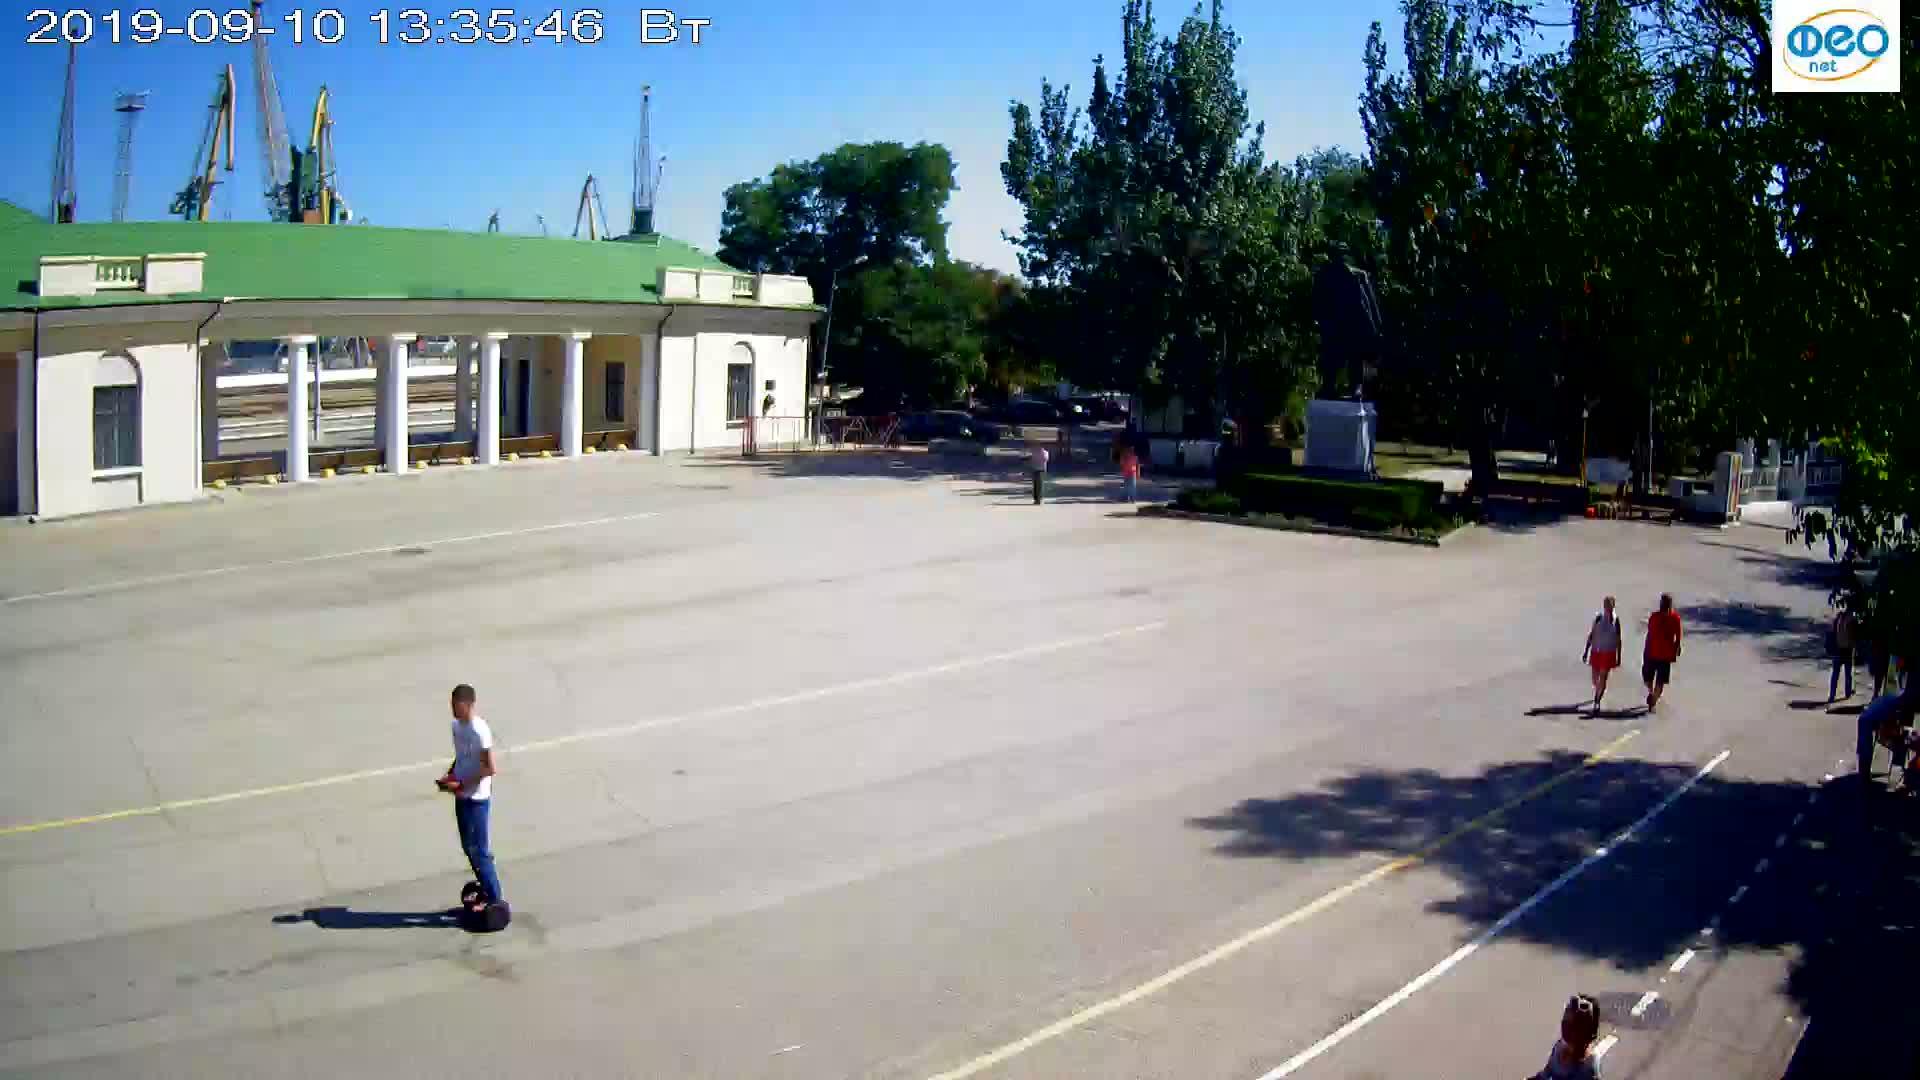 Веб-камеры Феодосии, Привокзальная площадь 2, 2019-09-10 13:23:10